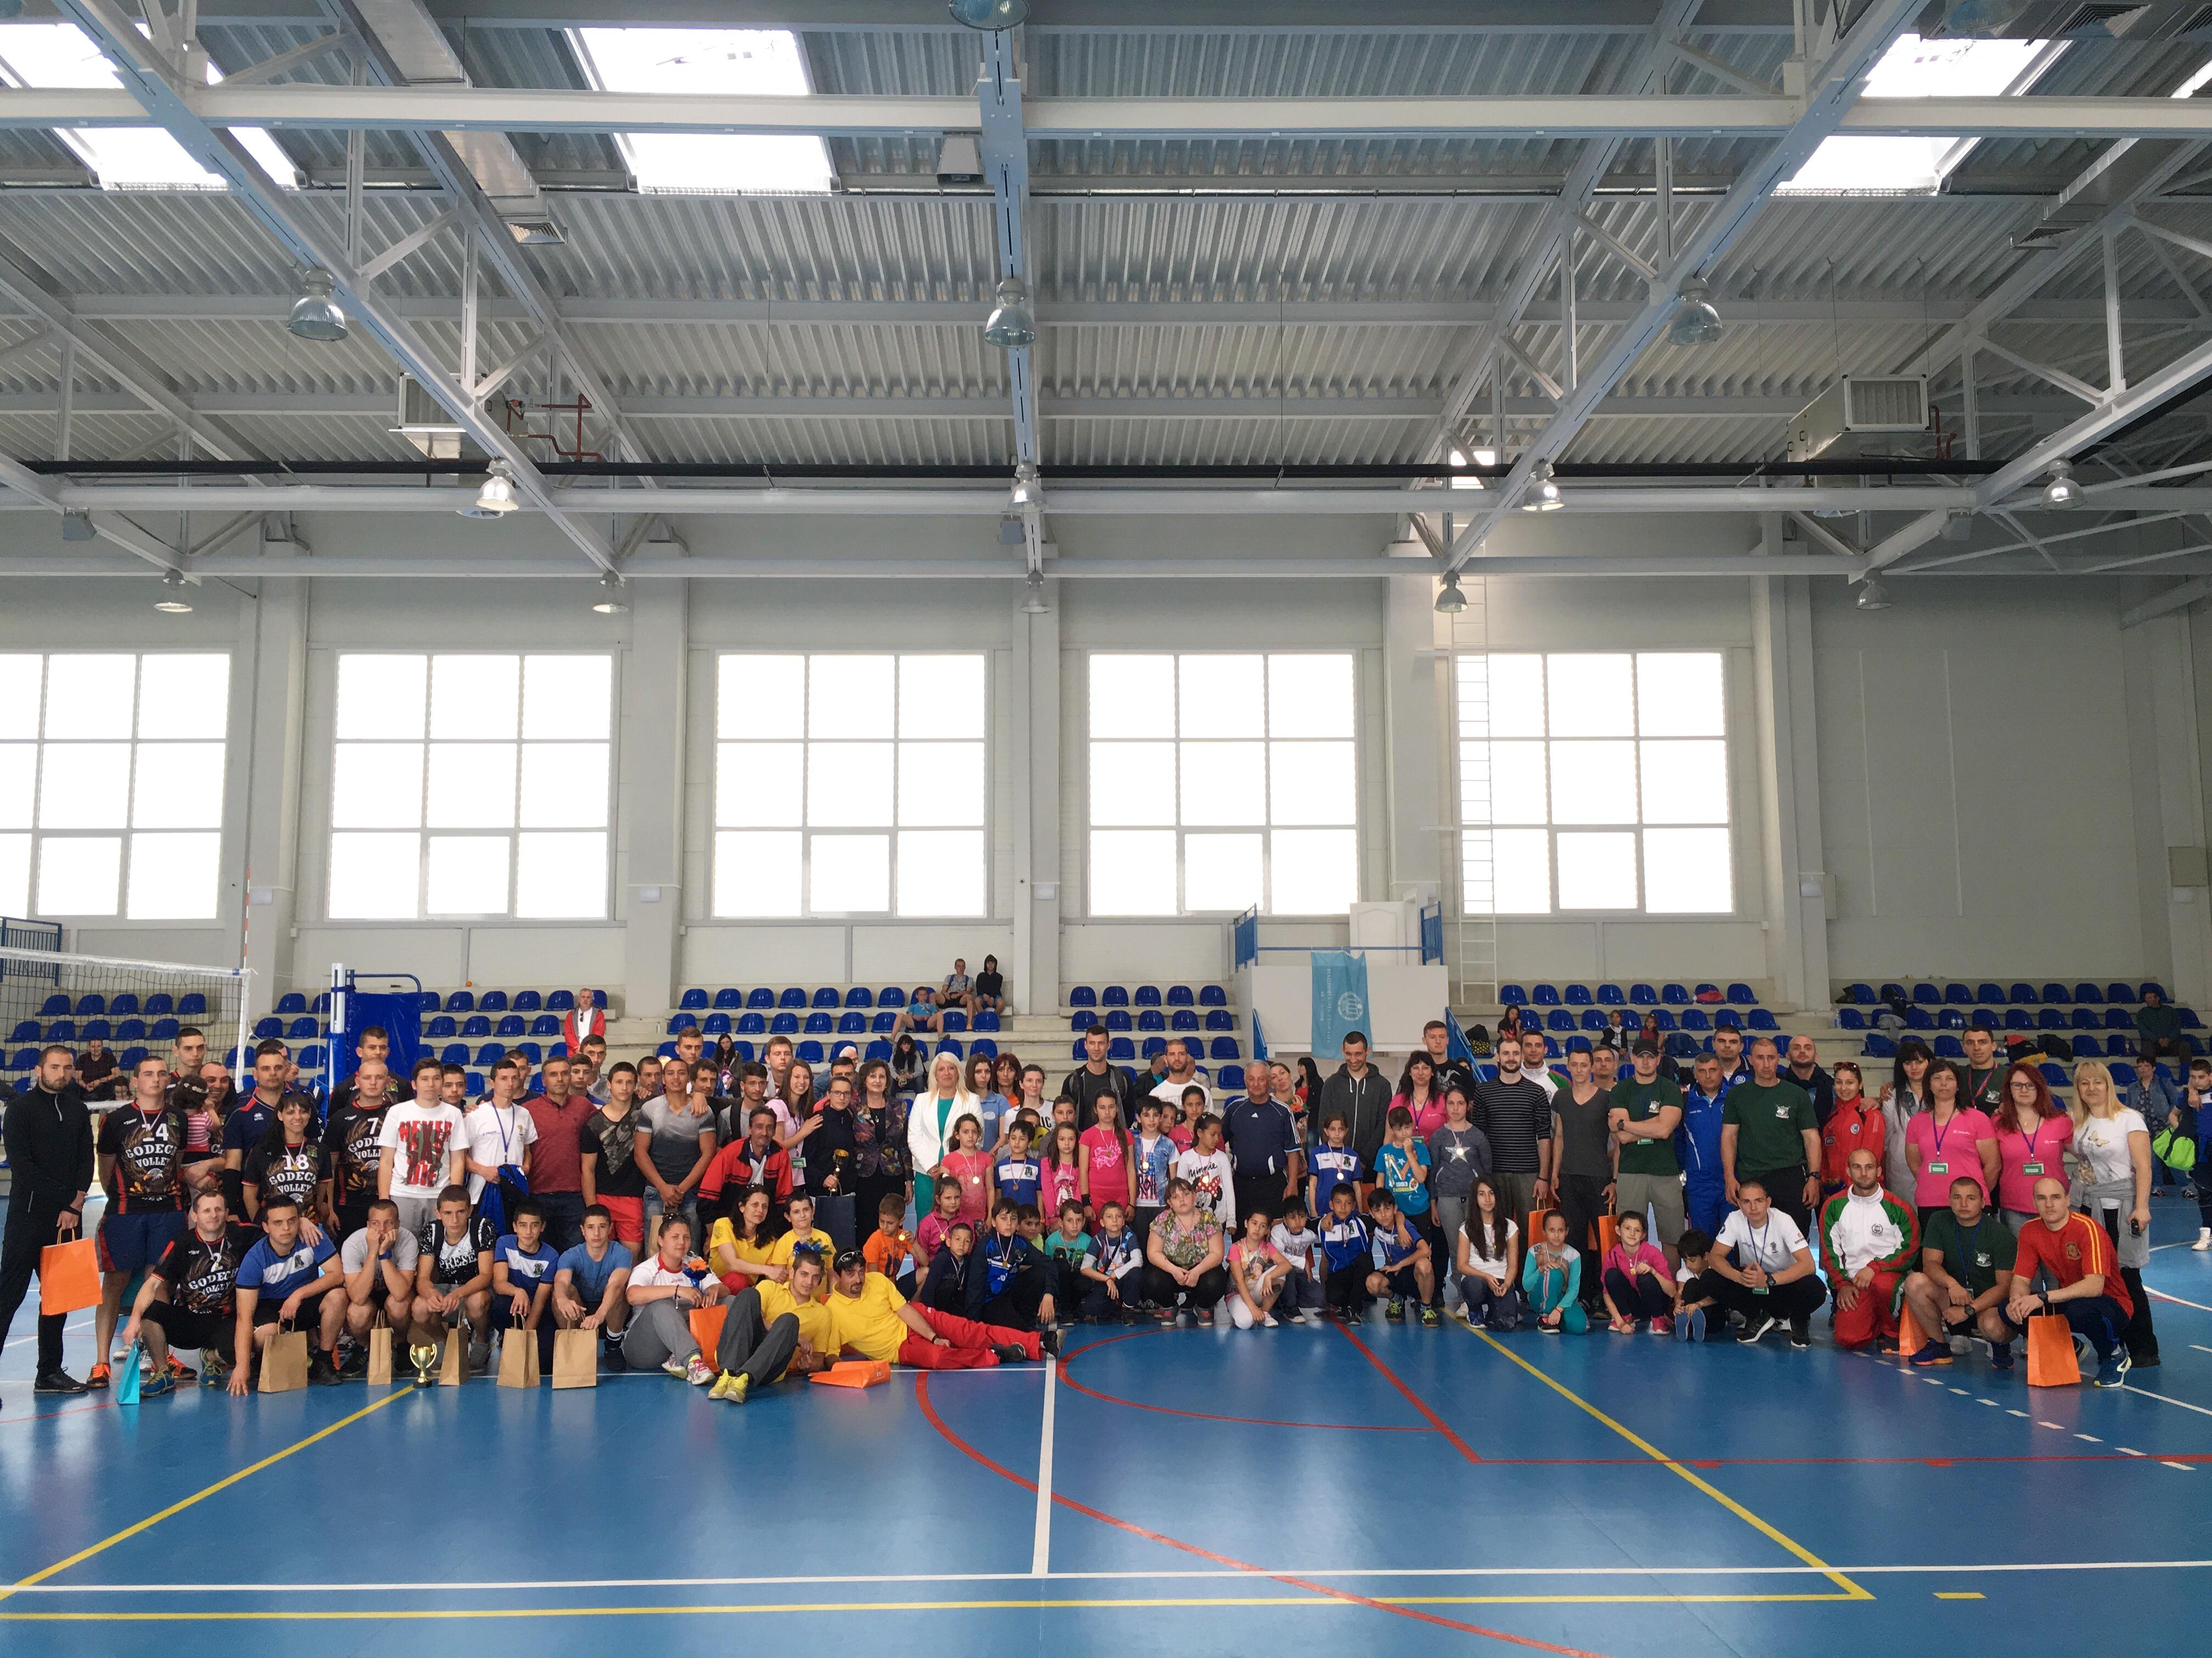 НСА, Община Годеч и Спортен клуб – Годеч в грандиозен спортен спектакъл (СНИМКИ)